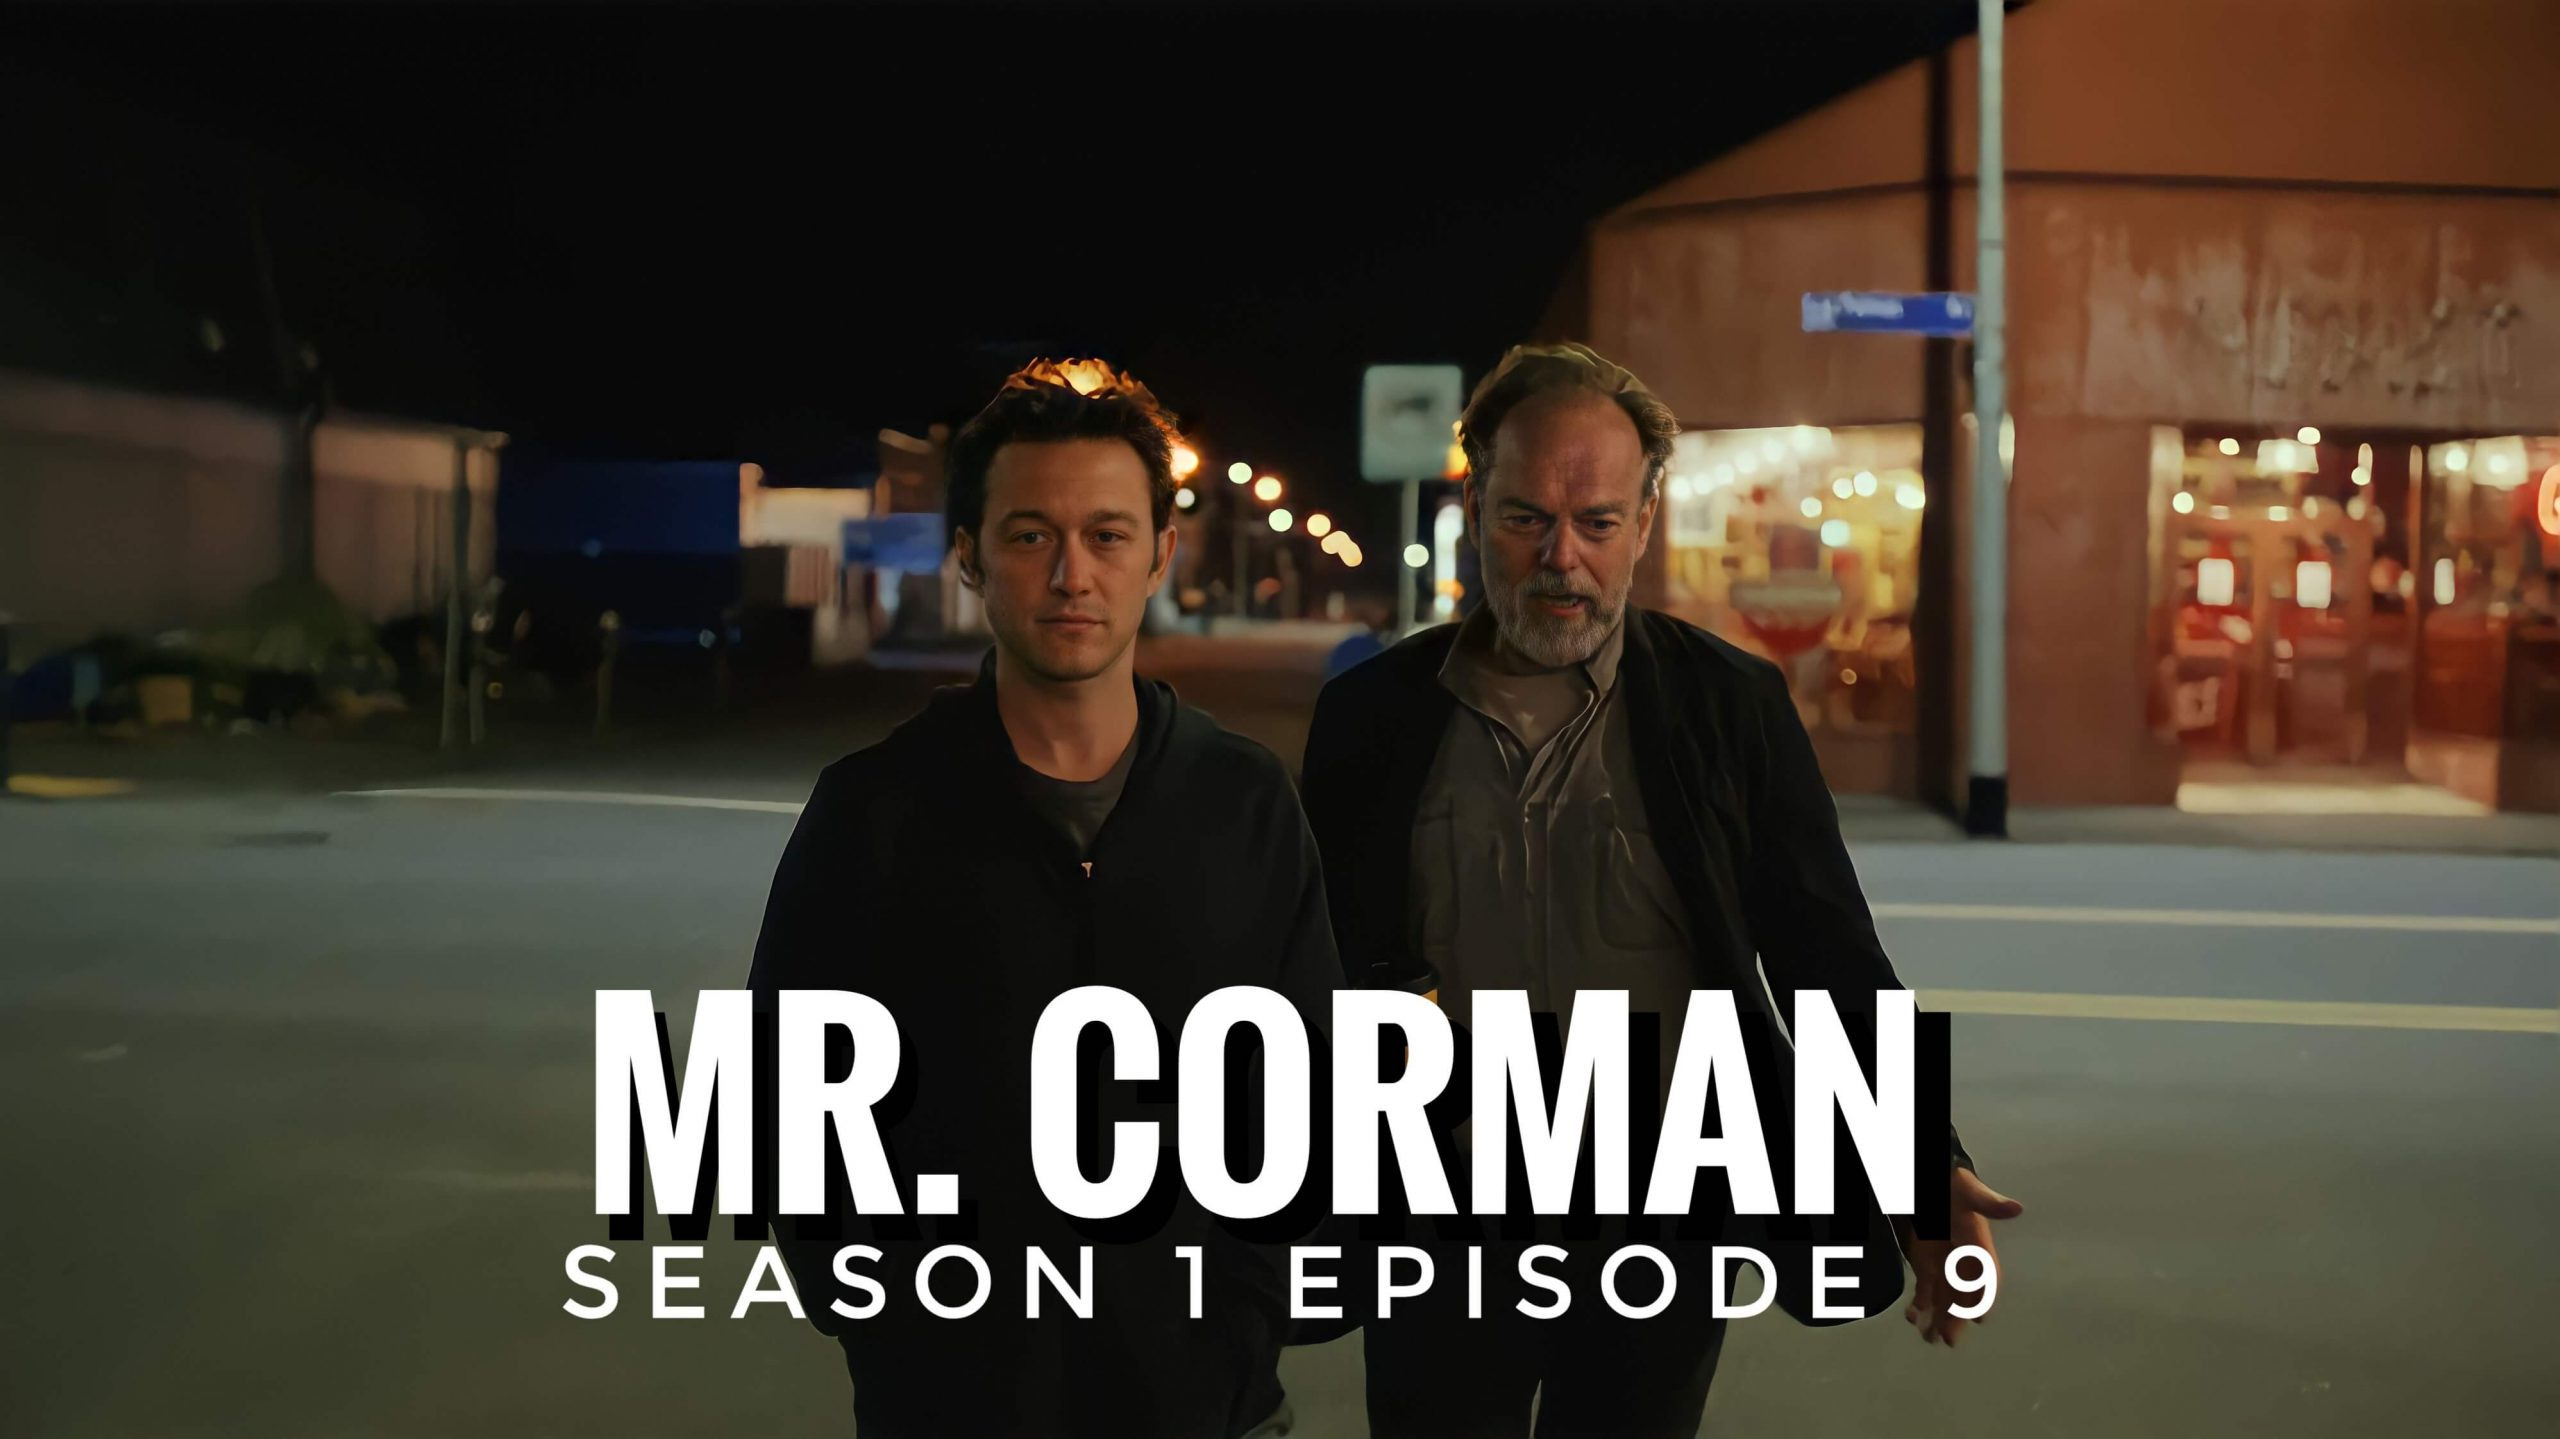 Mr. Corman season 1 episode 9 release date